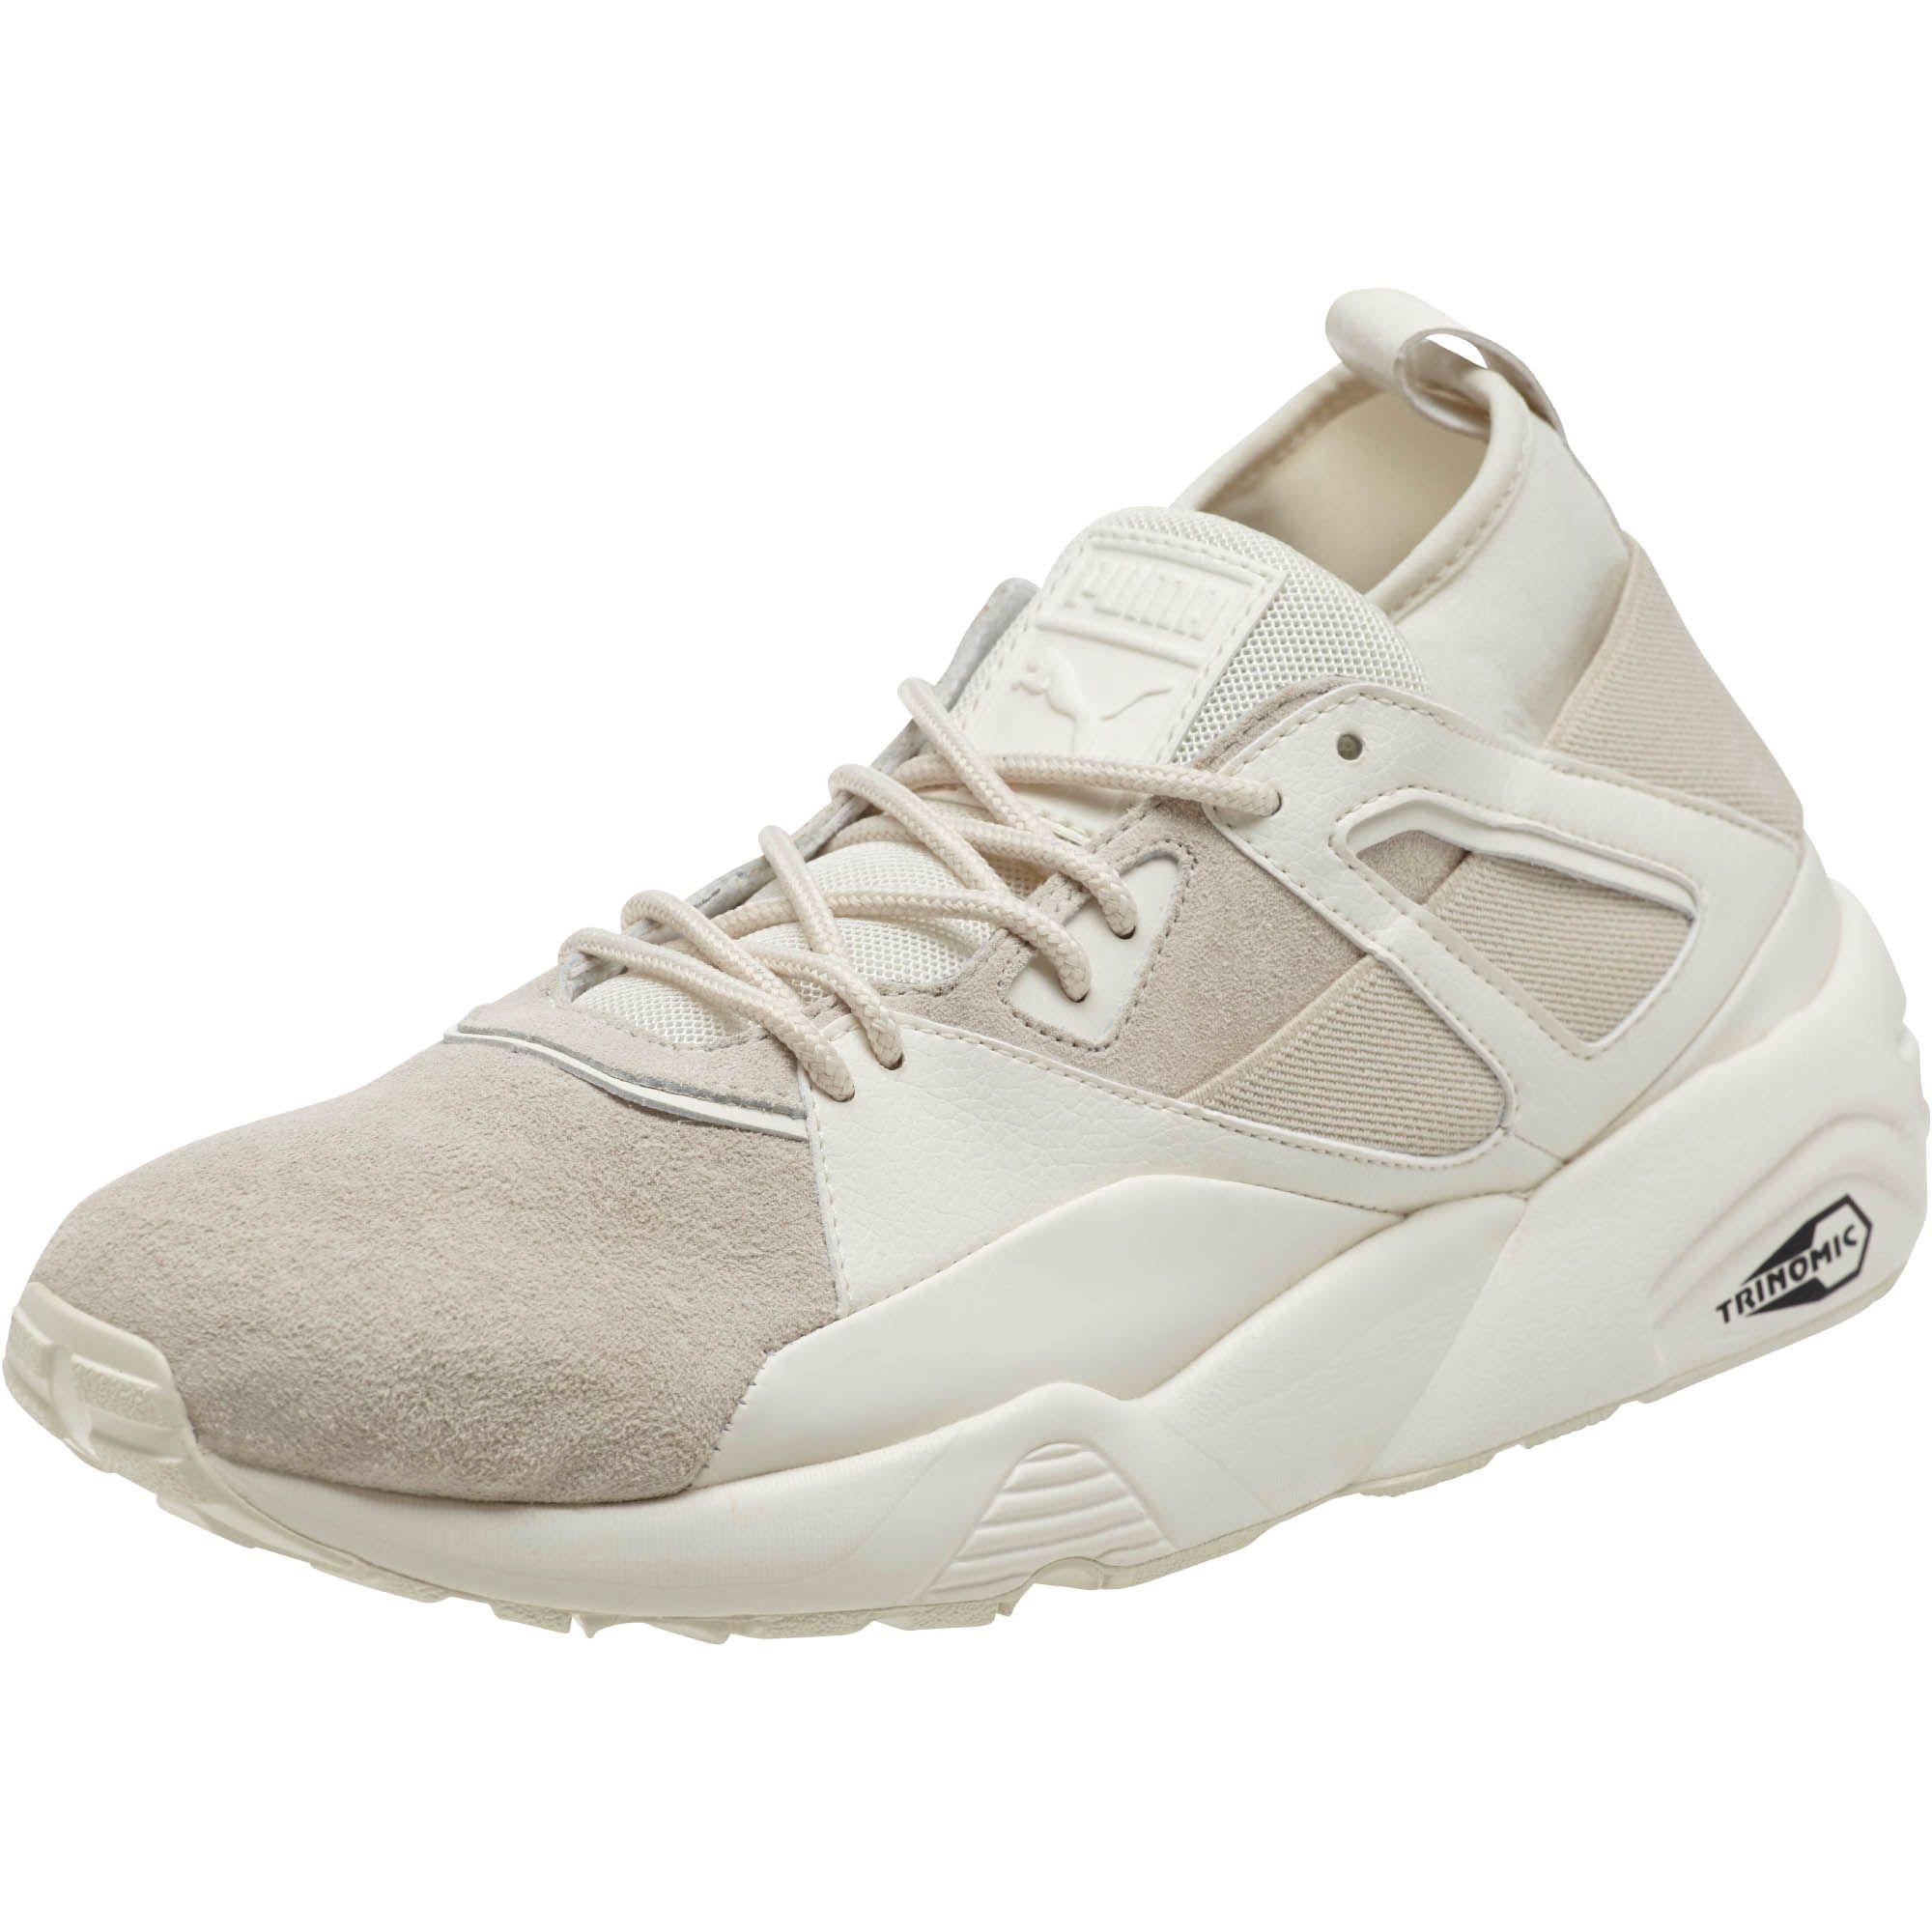 9822f9fc7ea0 Lyst - PUMA Blaze Of Glory Sock Core Men s Sneakers in White for Men